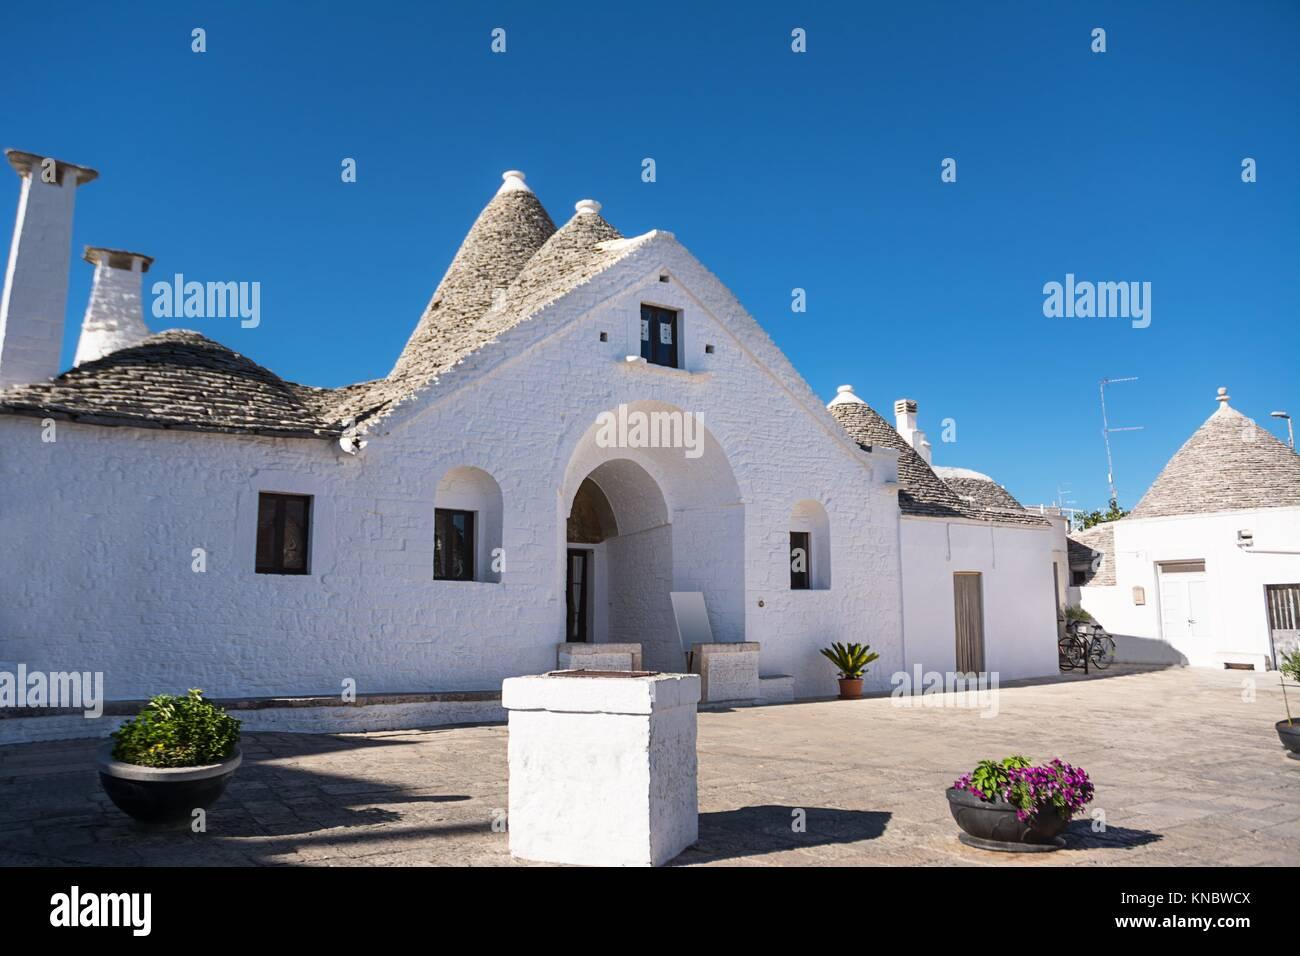 El Trullo soberano de Alberobello. Imagen De Stock